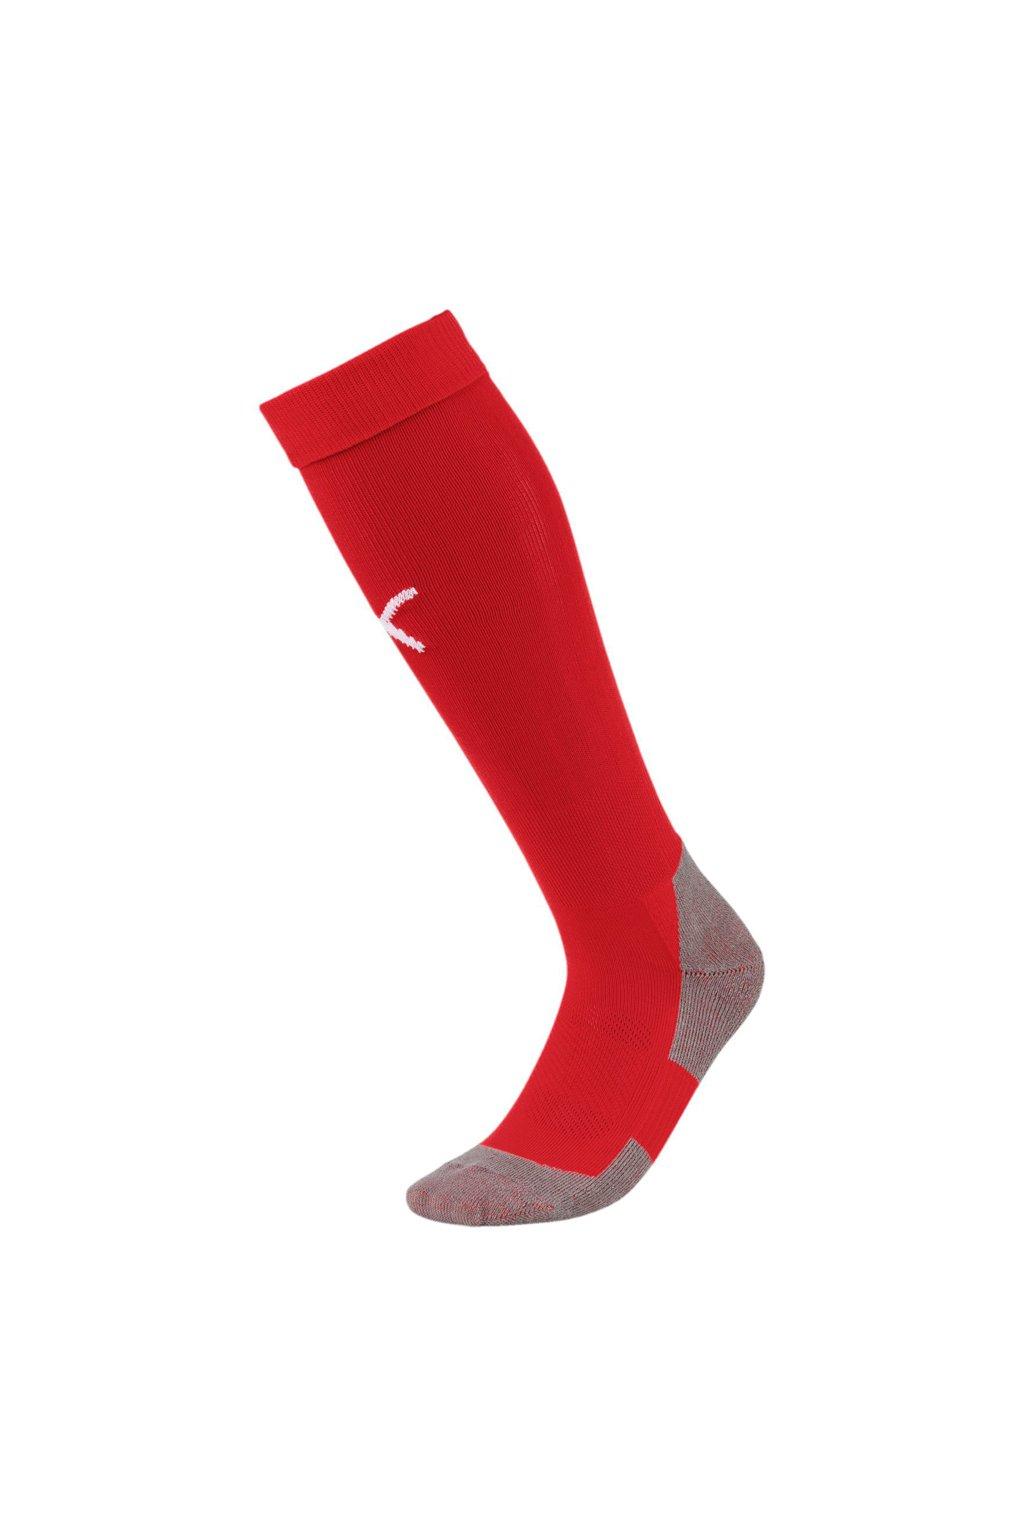 Futbalové ponožky Puma Liga Core Socks červené 703441 01